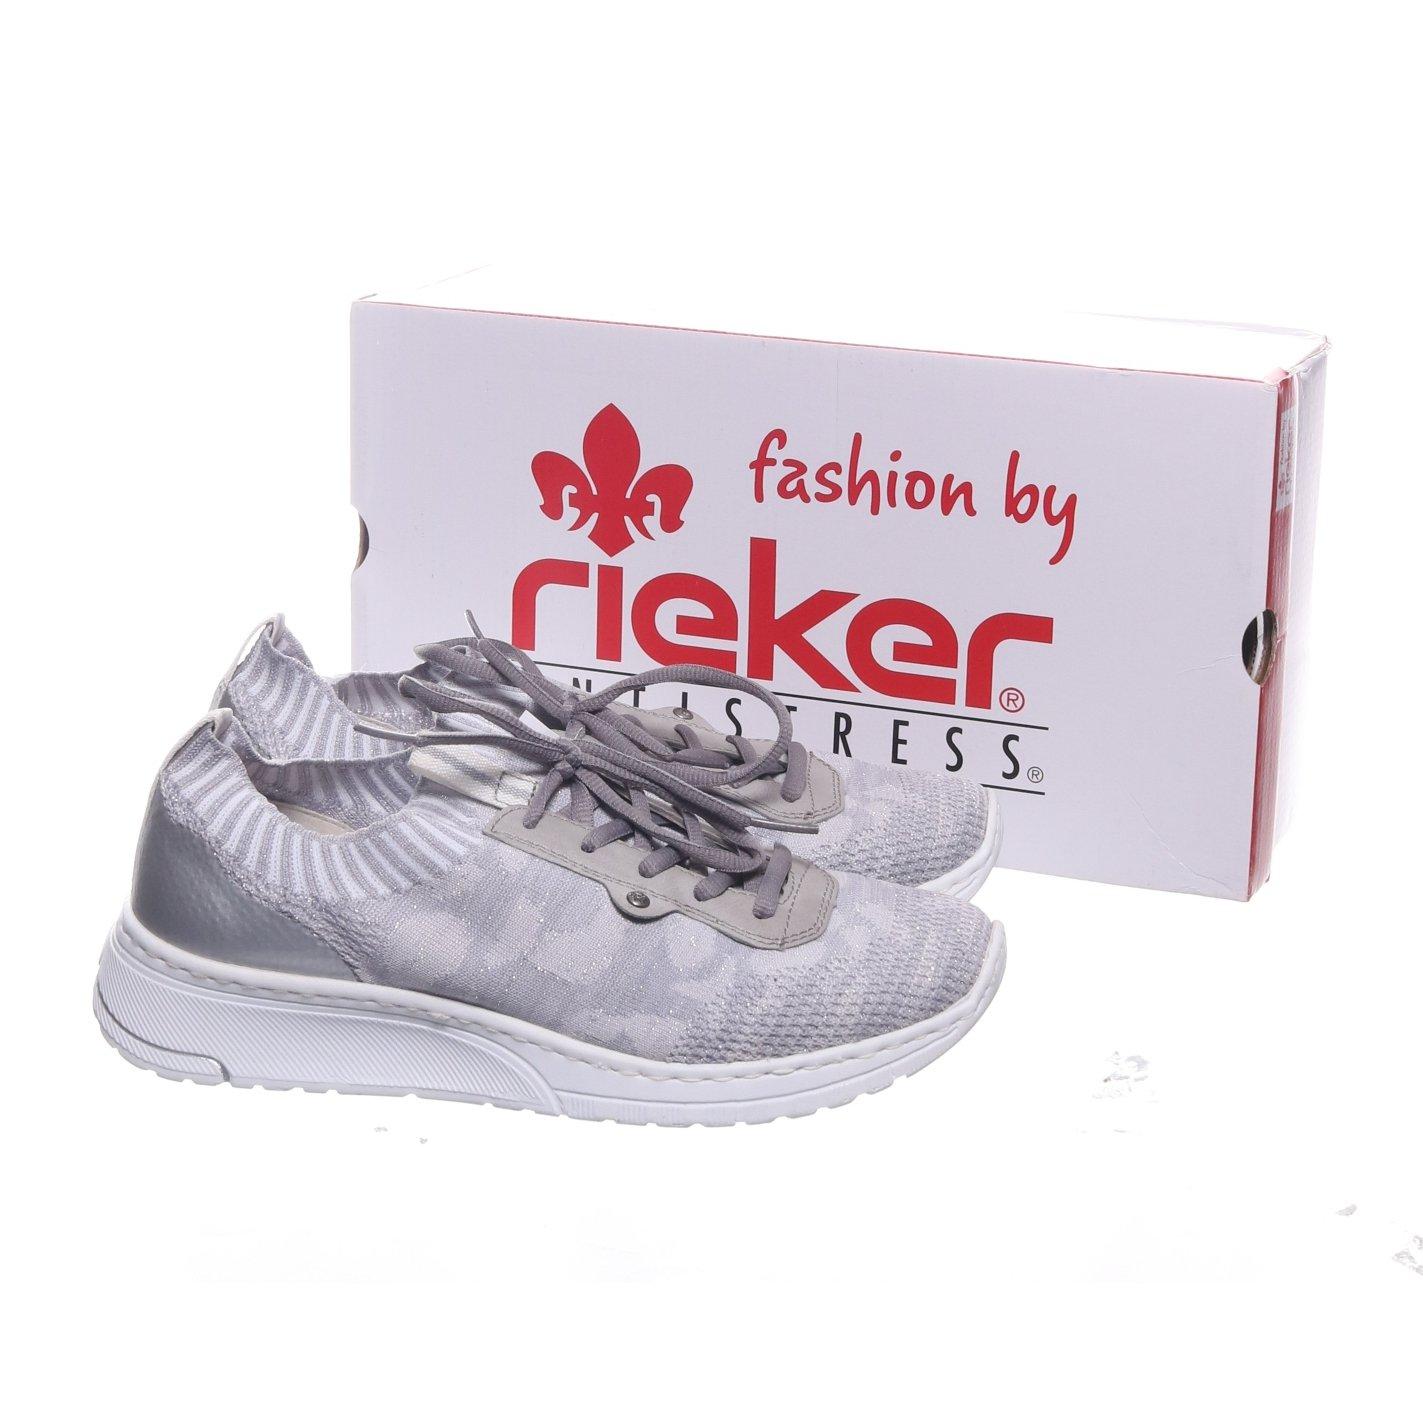 Rieker, Sneakers, Strl: 39, N5059 42, Silverfärgad